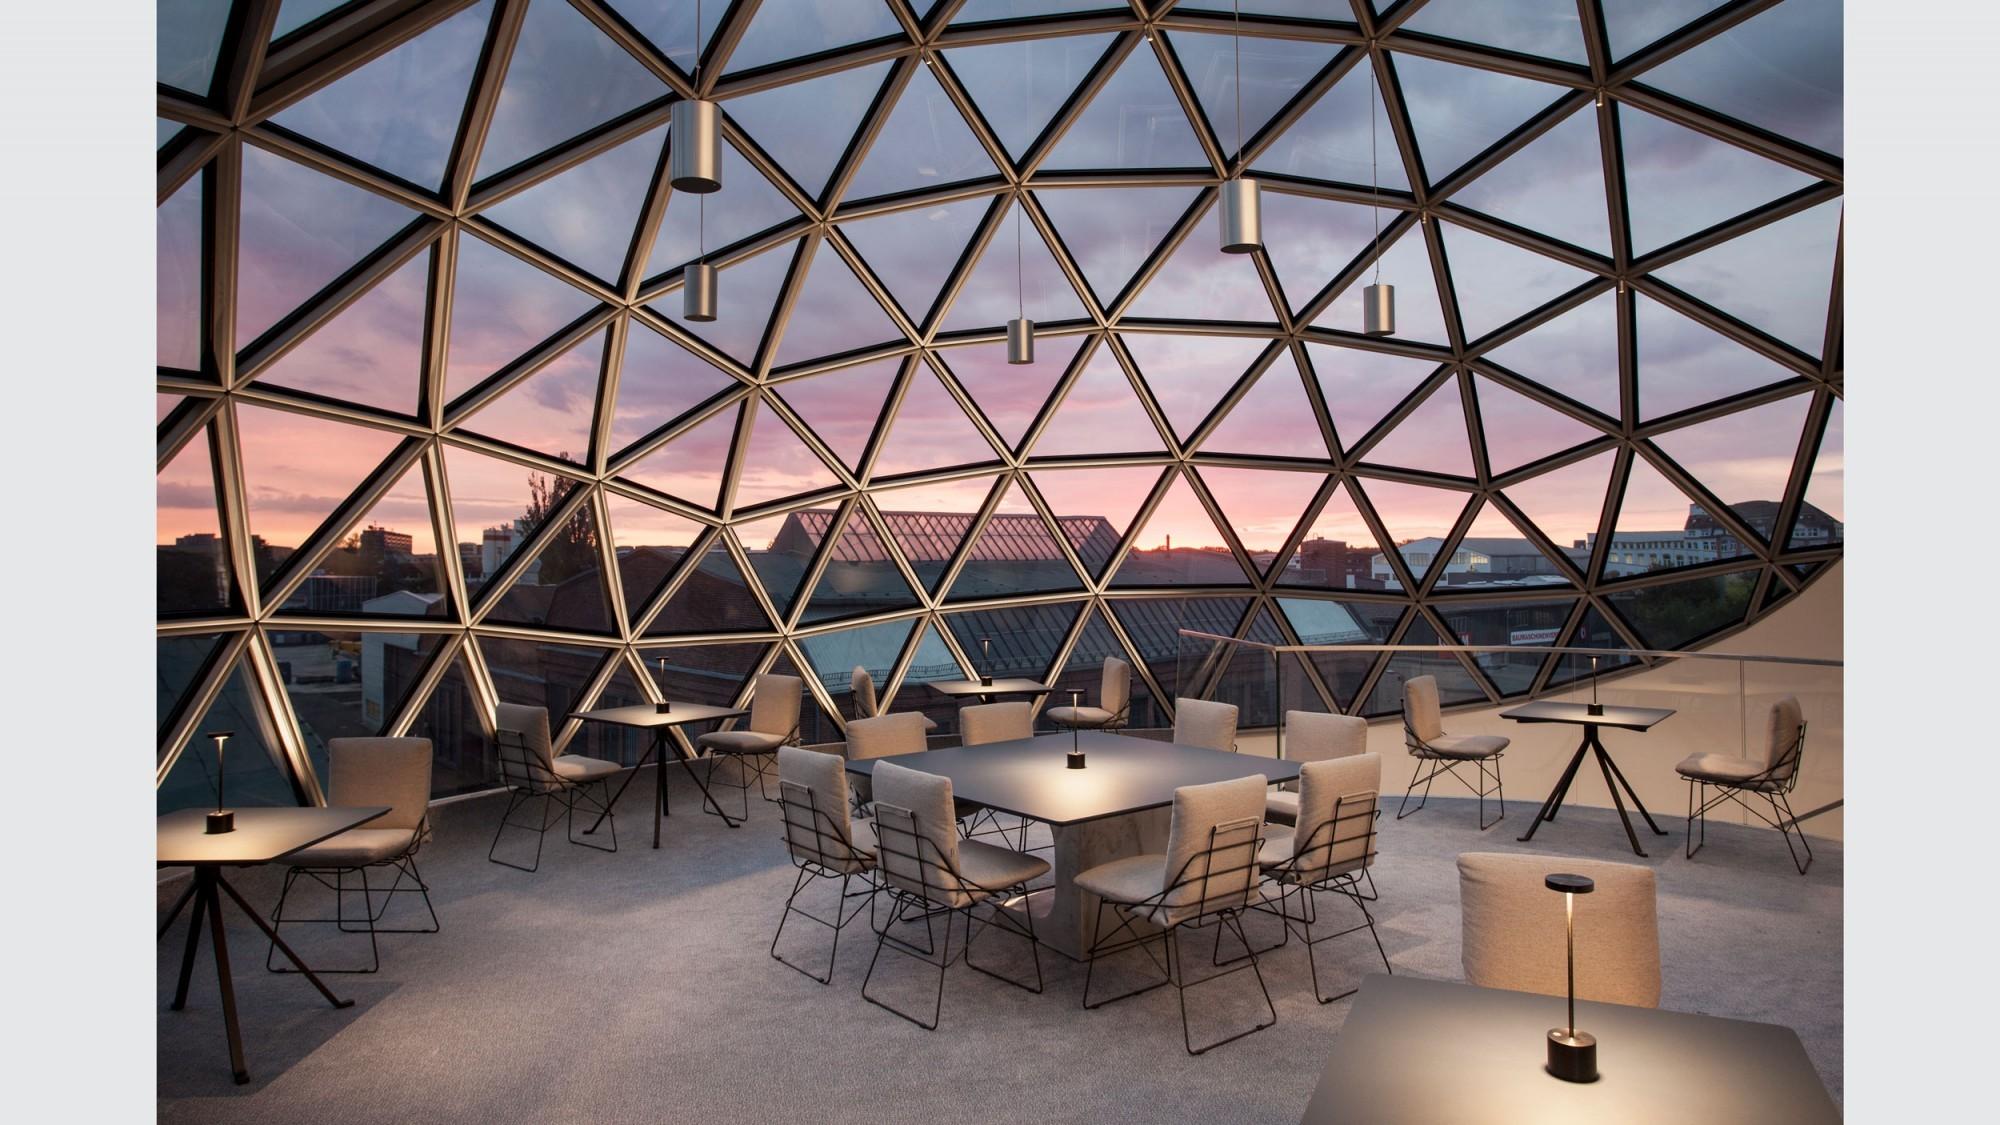 Sphere von Oscar Niemeyer